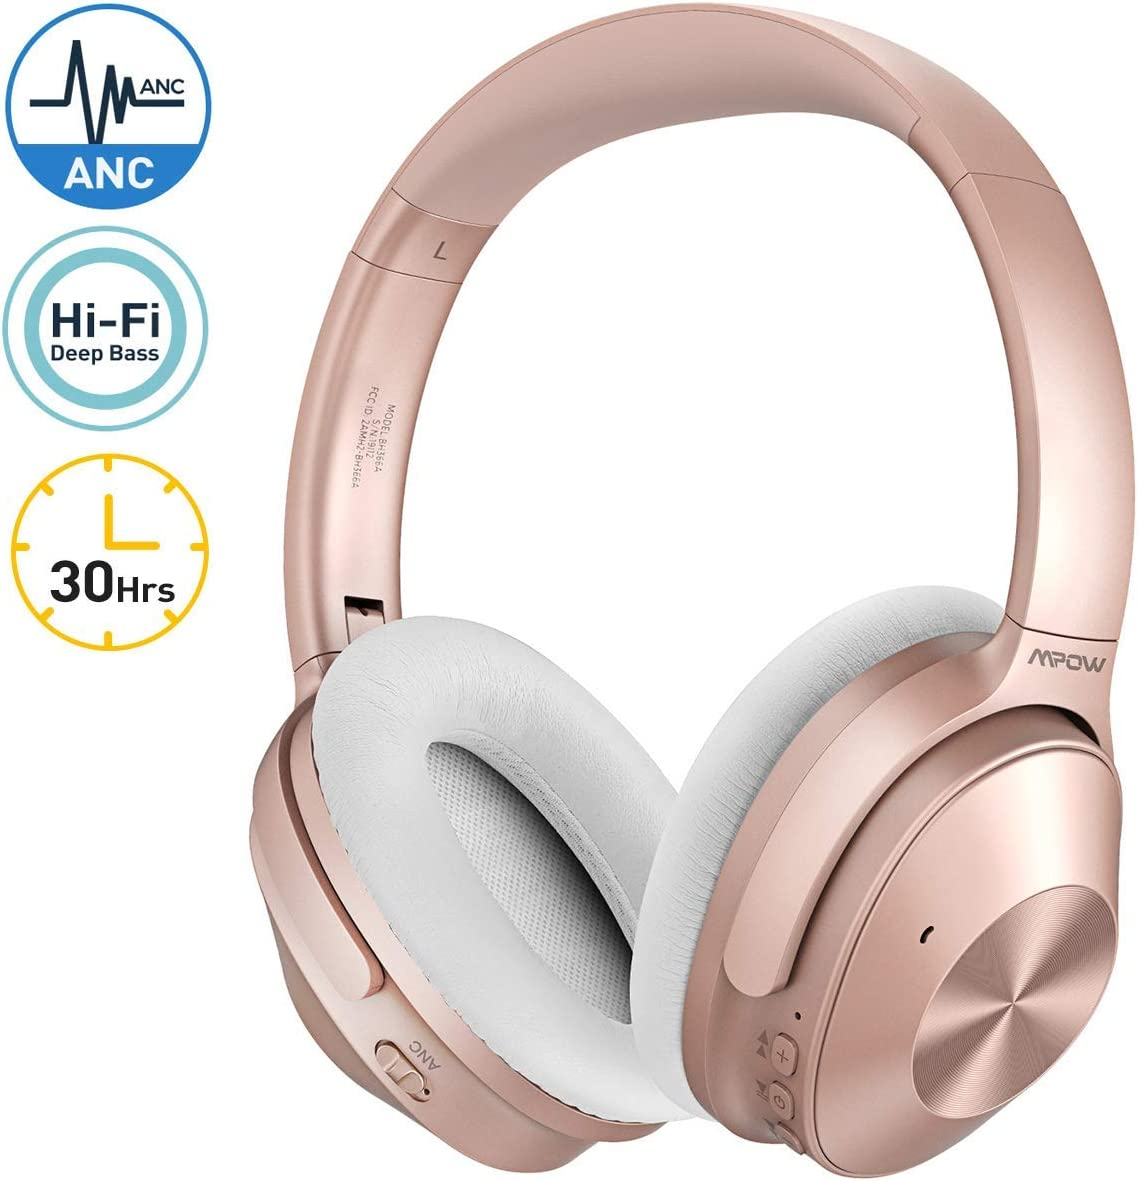 Mpow H12 Auriculares con Cancelación de Ruido, Auriculares Bluetooth Diadema 5.0 con Micrófono CVC 6.0, 30 Hrs de Reproducir, Cascos con Cancelación de Ruido para Videollamada/Skype/PC/TV/Móvil-Rosa